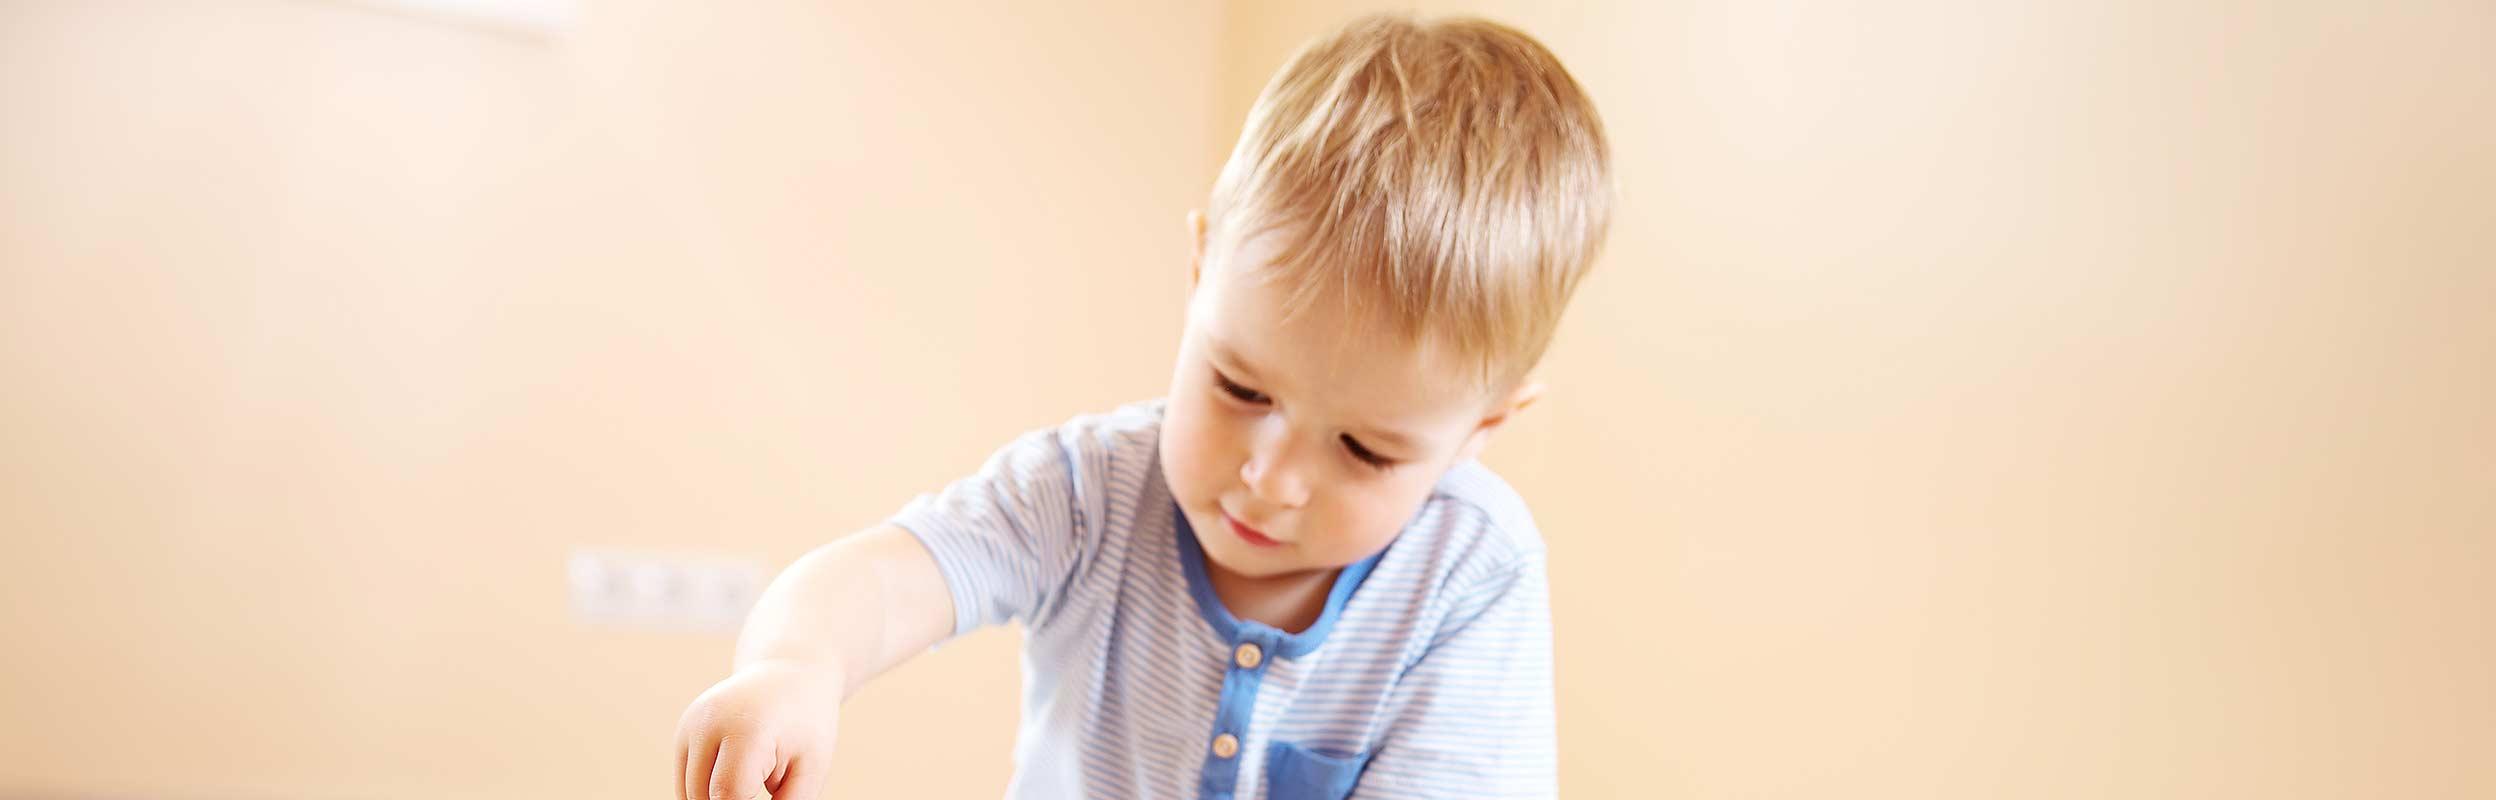 Epargner Pour Vos Enfants Et Petits Enfants Dossier Cic